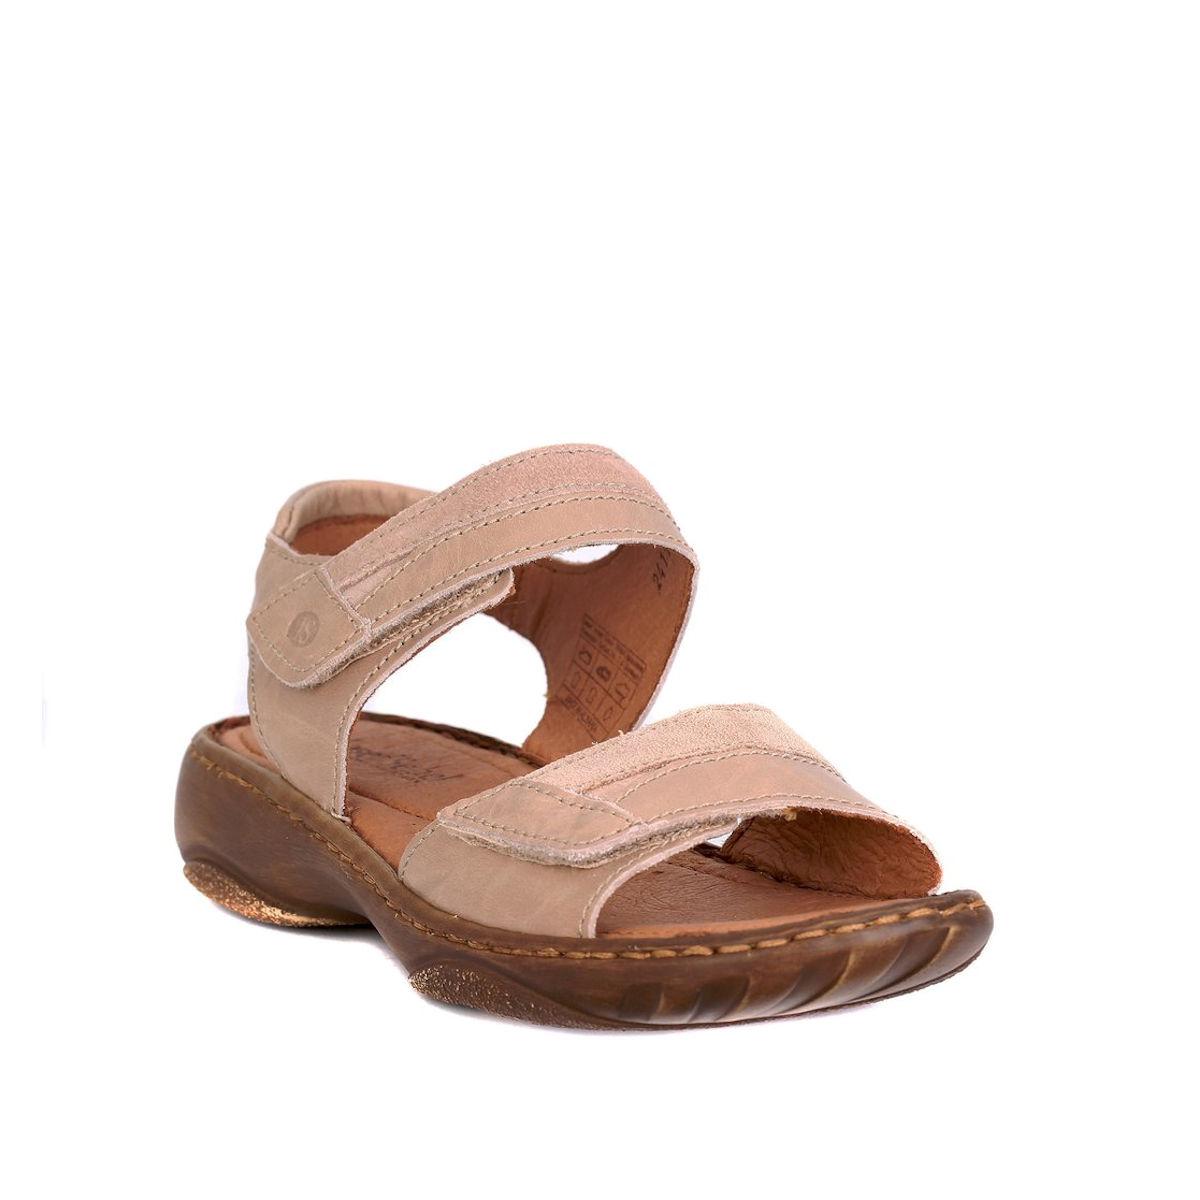 Josef Seibel Debra 19 - Womens Adjustable Sand Leather Sandal